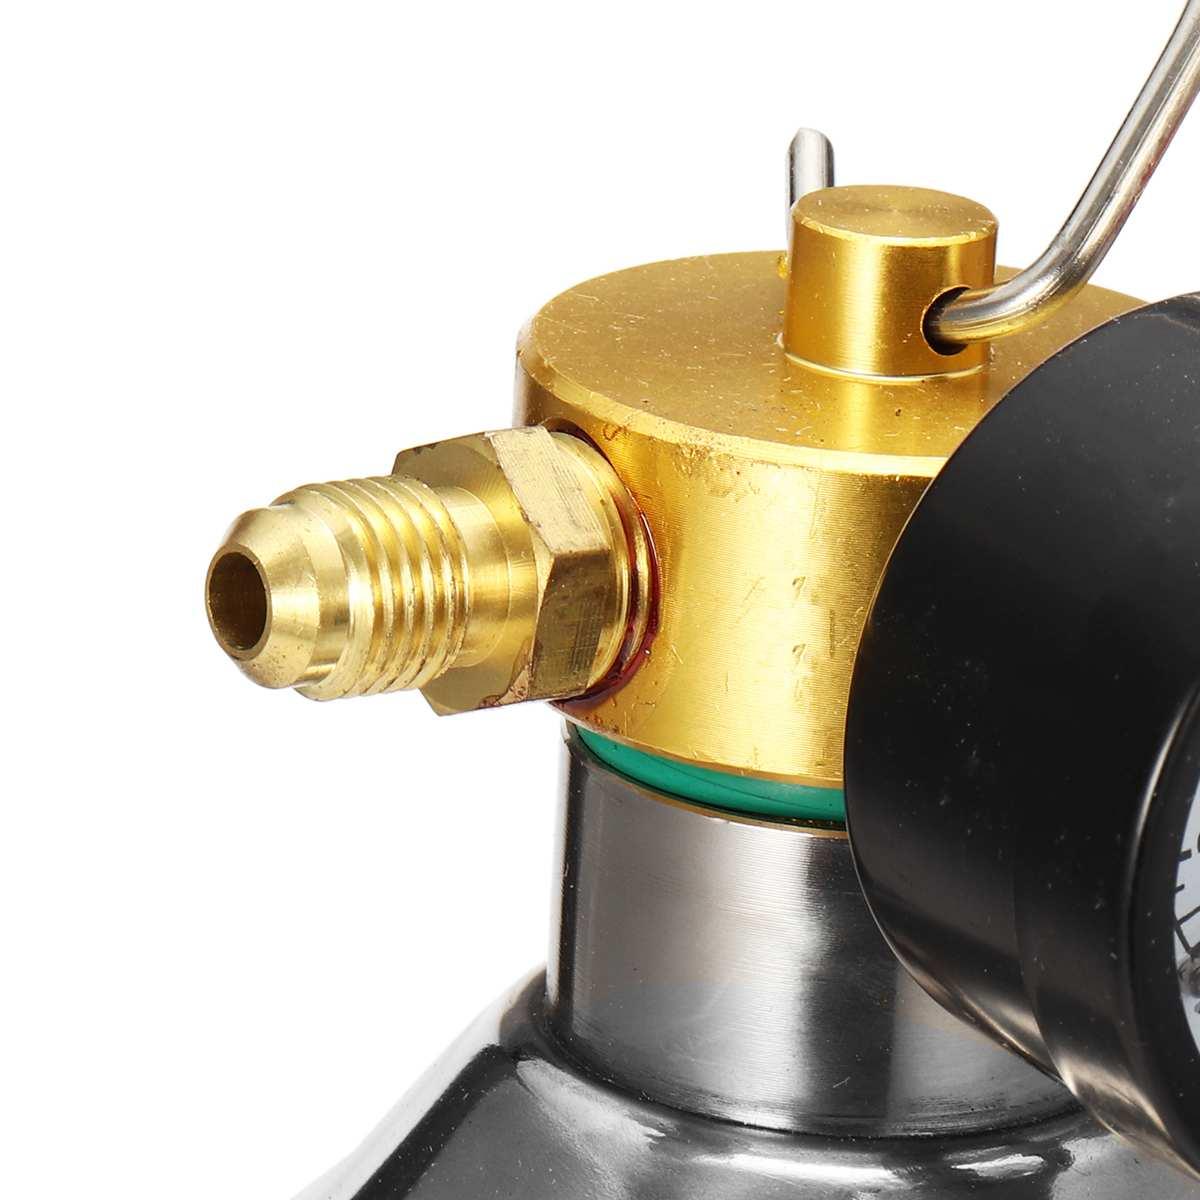 1000 mL A//C Flush Gun Canister Clean Tool Kit Hose For R134a R12 R22 R410a R404a